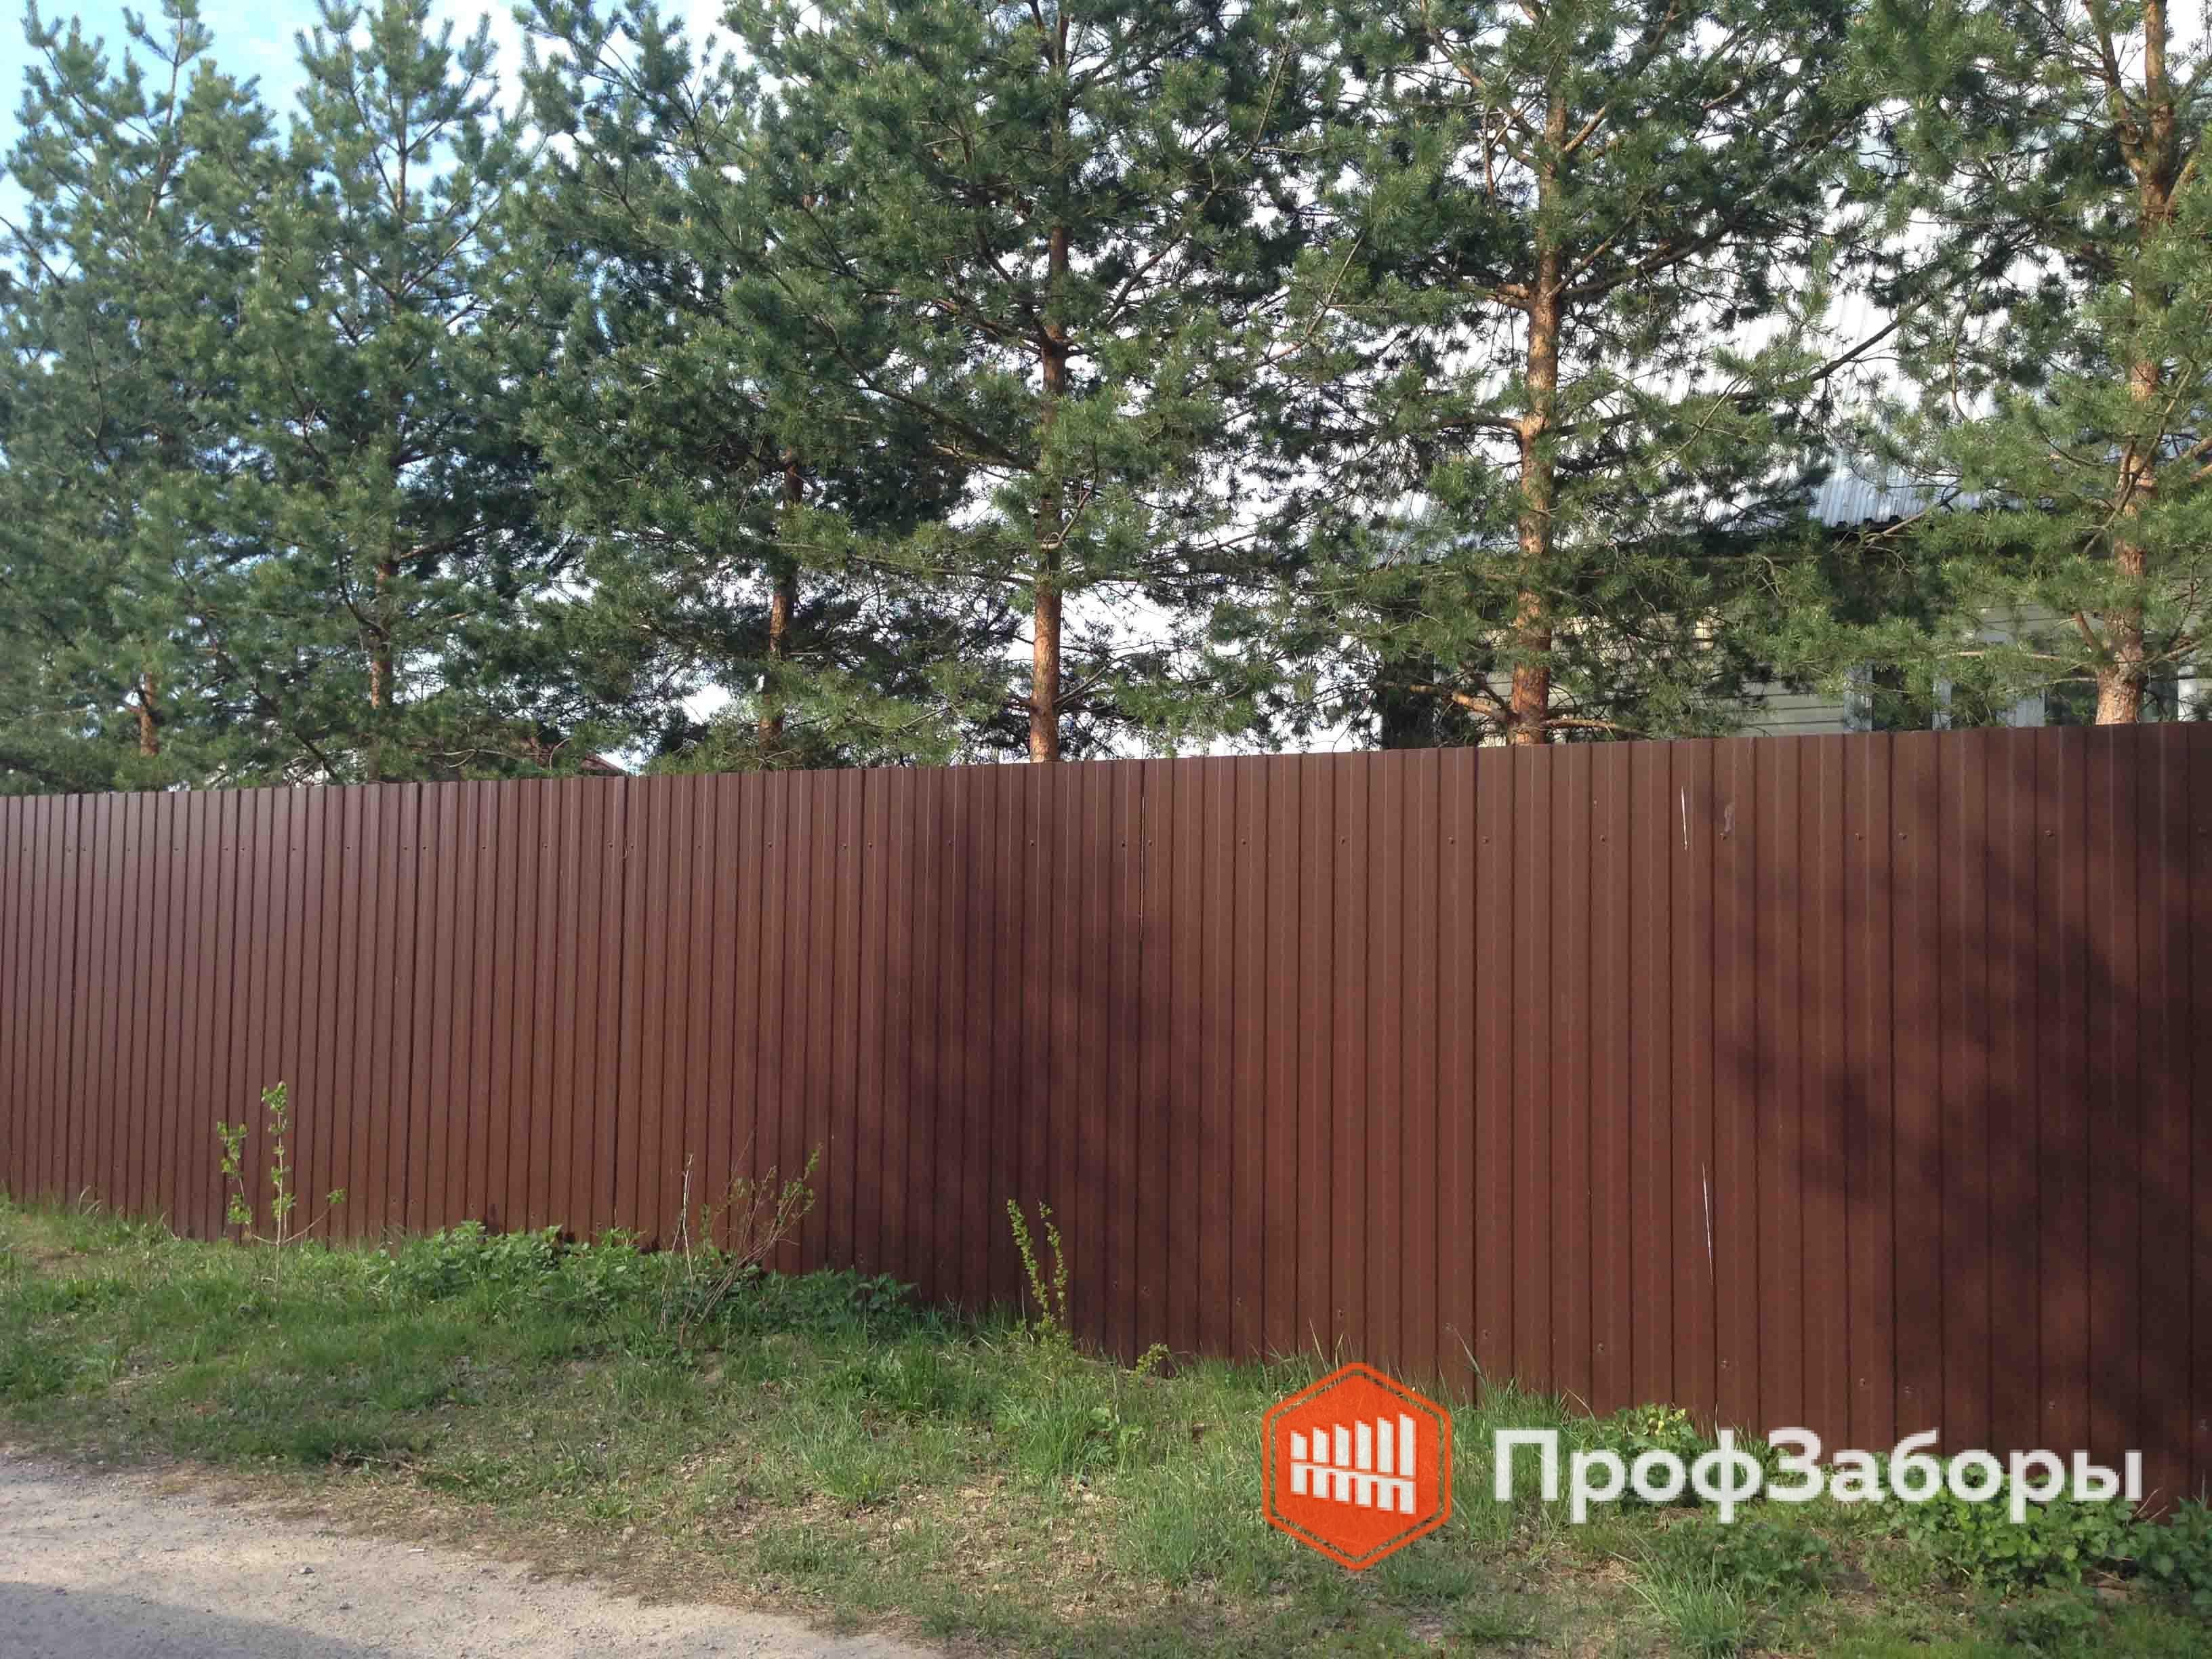 Заборы Из профнастила  - Пушкинский район. Фото 4